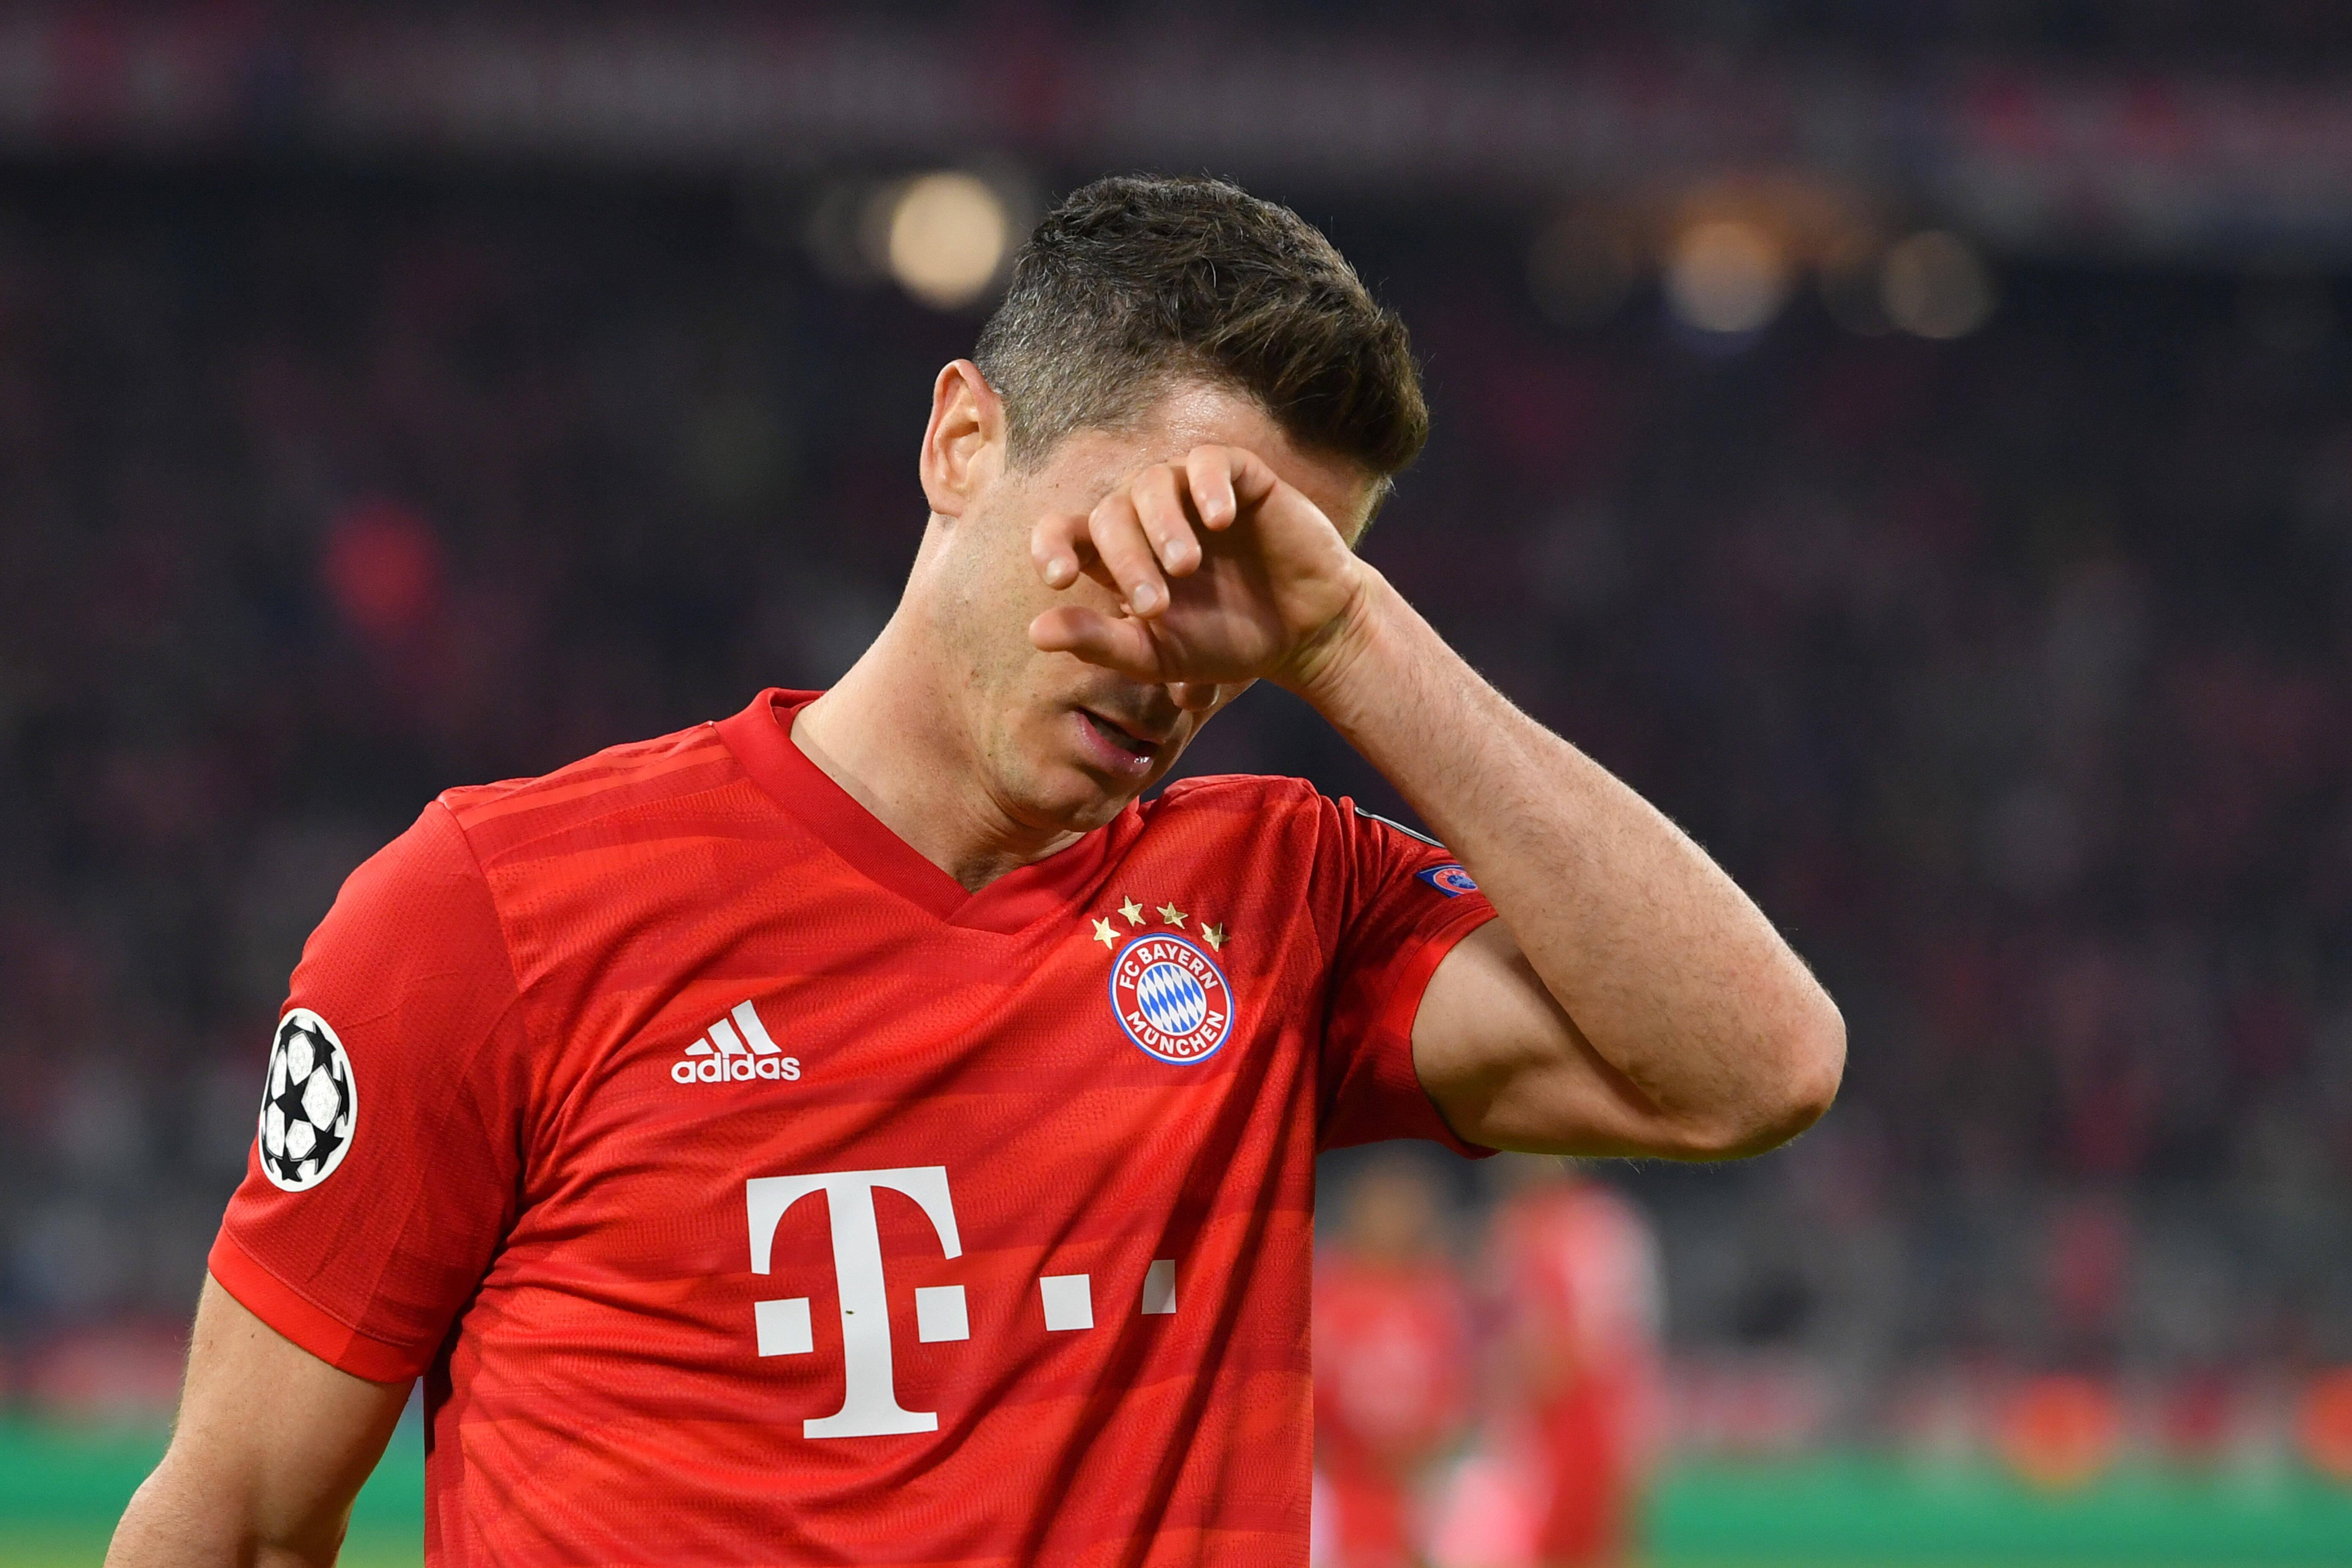 'มันยากที่จะยอมรับการสูญเสียนี้' เลวานดอฟสกี้ มองย้อนกลับไปที่ เปแอสเช และ Bayern Munich Champions League Tie